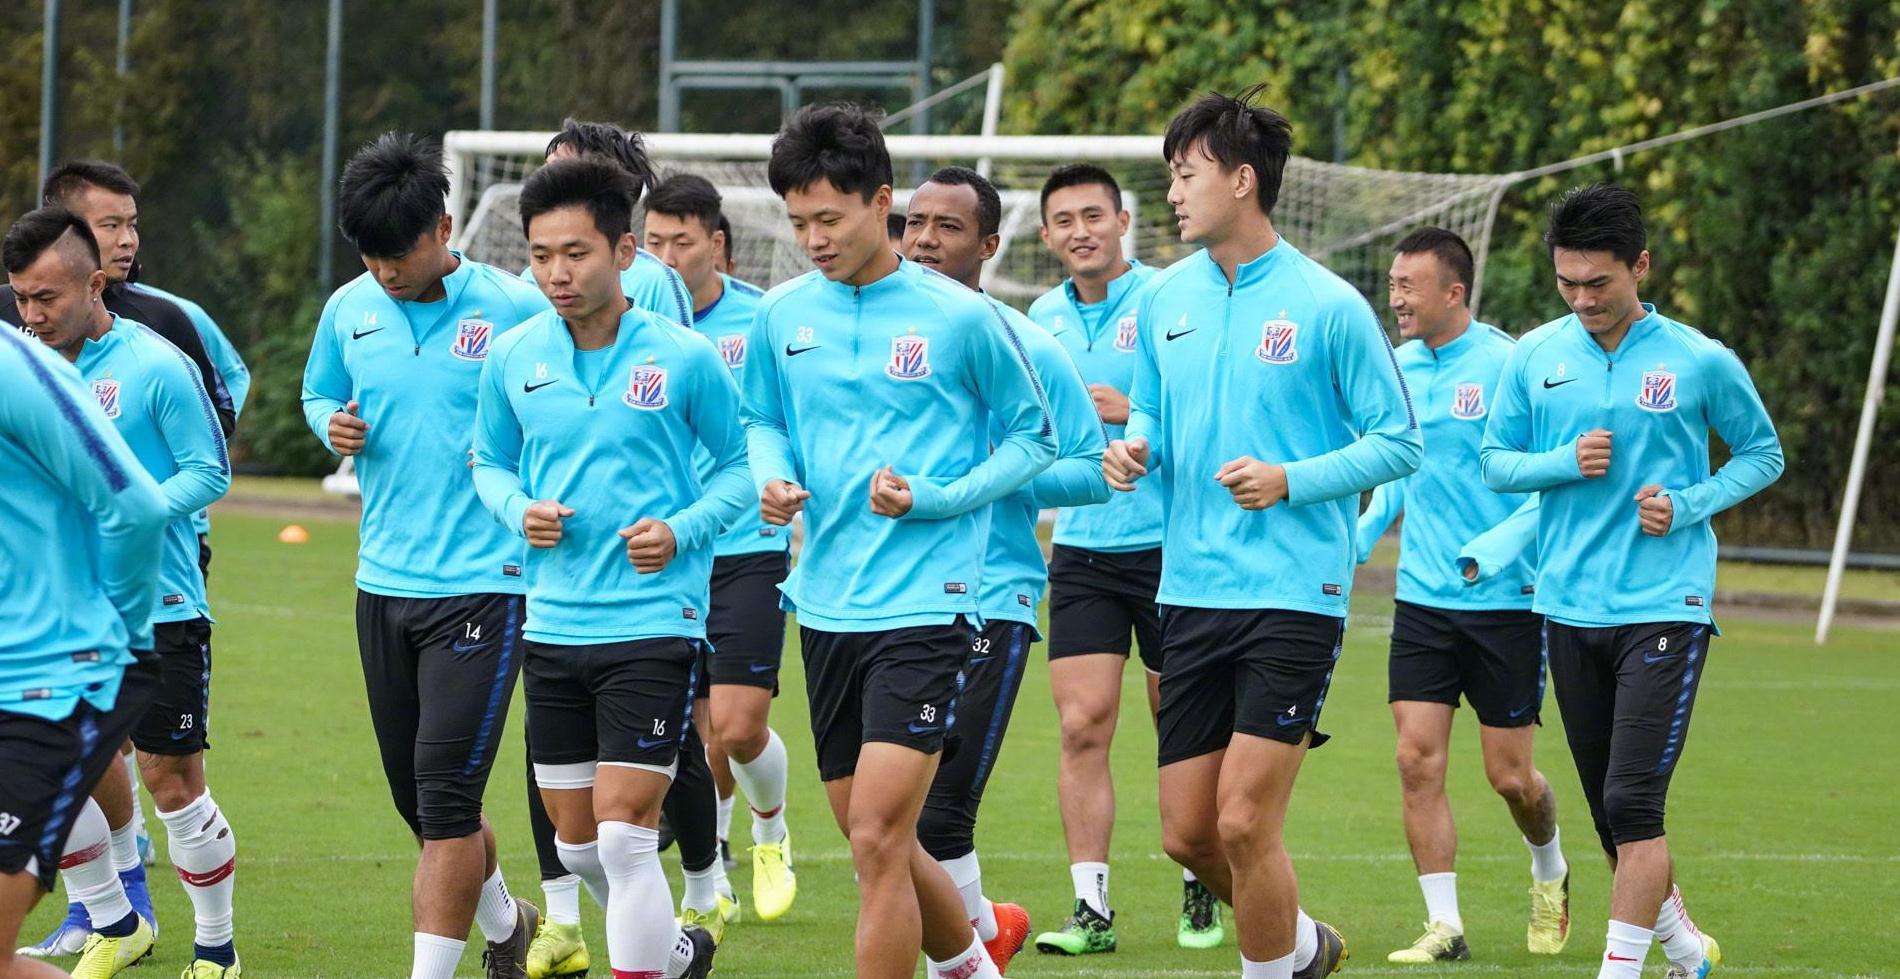 上海申花高薪续约却惨遭打脸?曾被视为球队最佳引援,今状态低迷